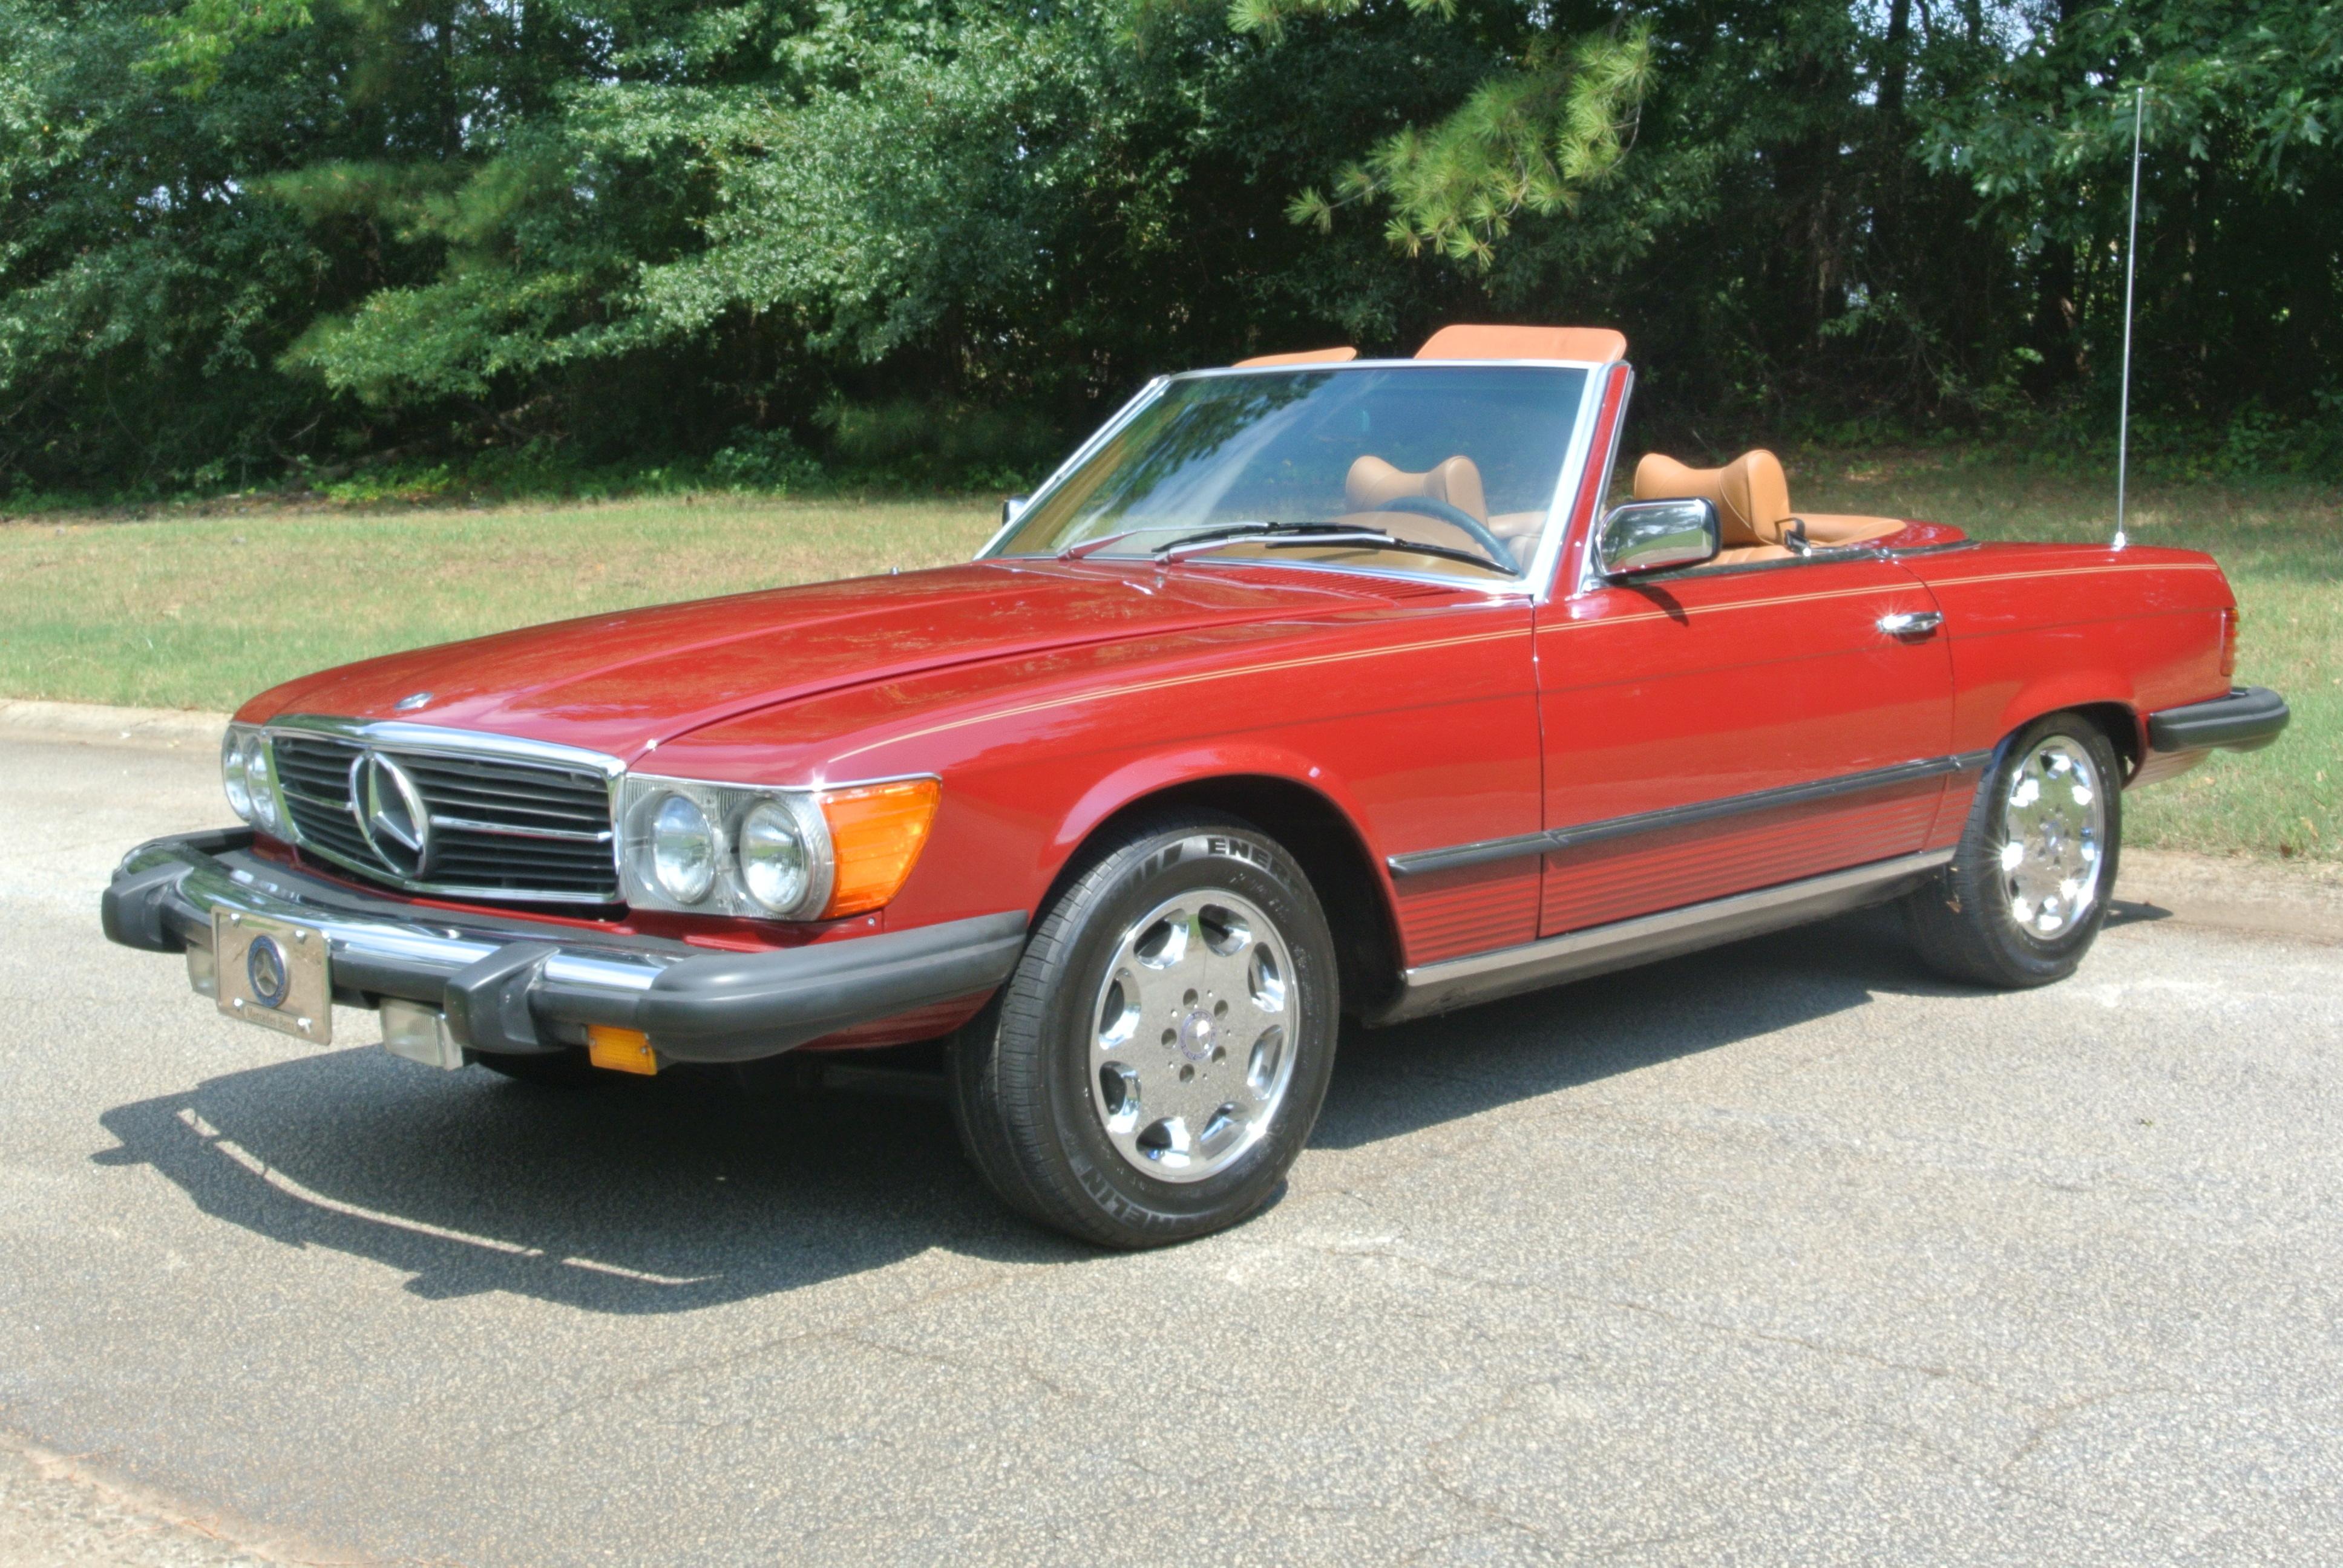 1978 mercedes benz 450 sl gaa classic cars for Mercedes benz 450 sl